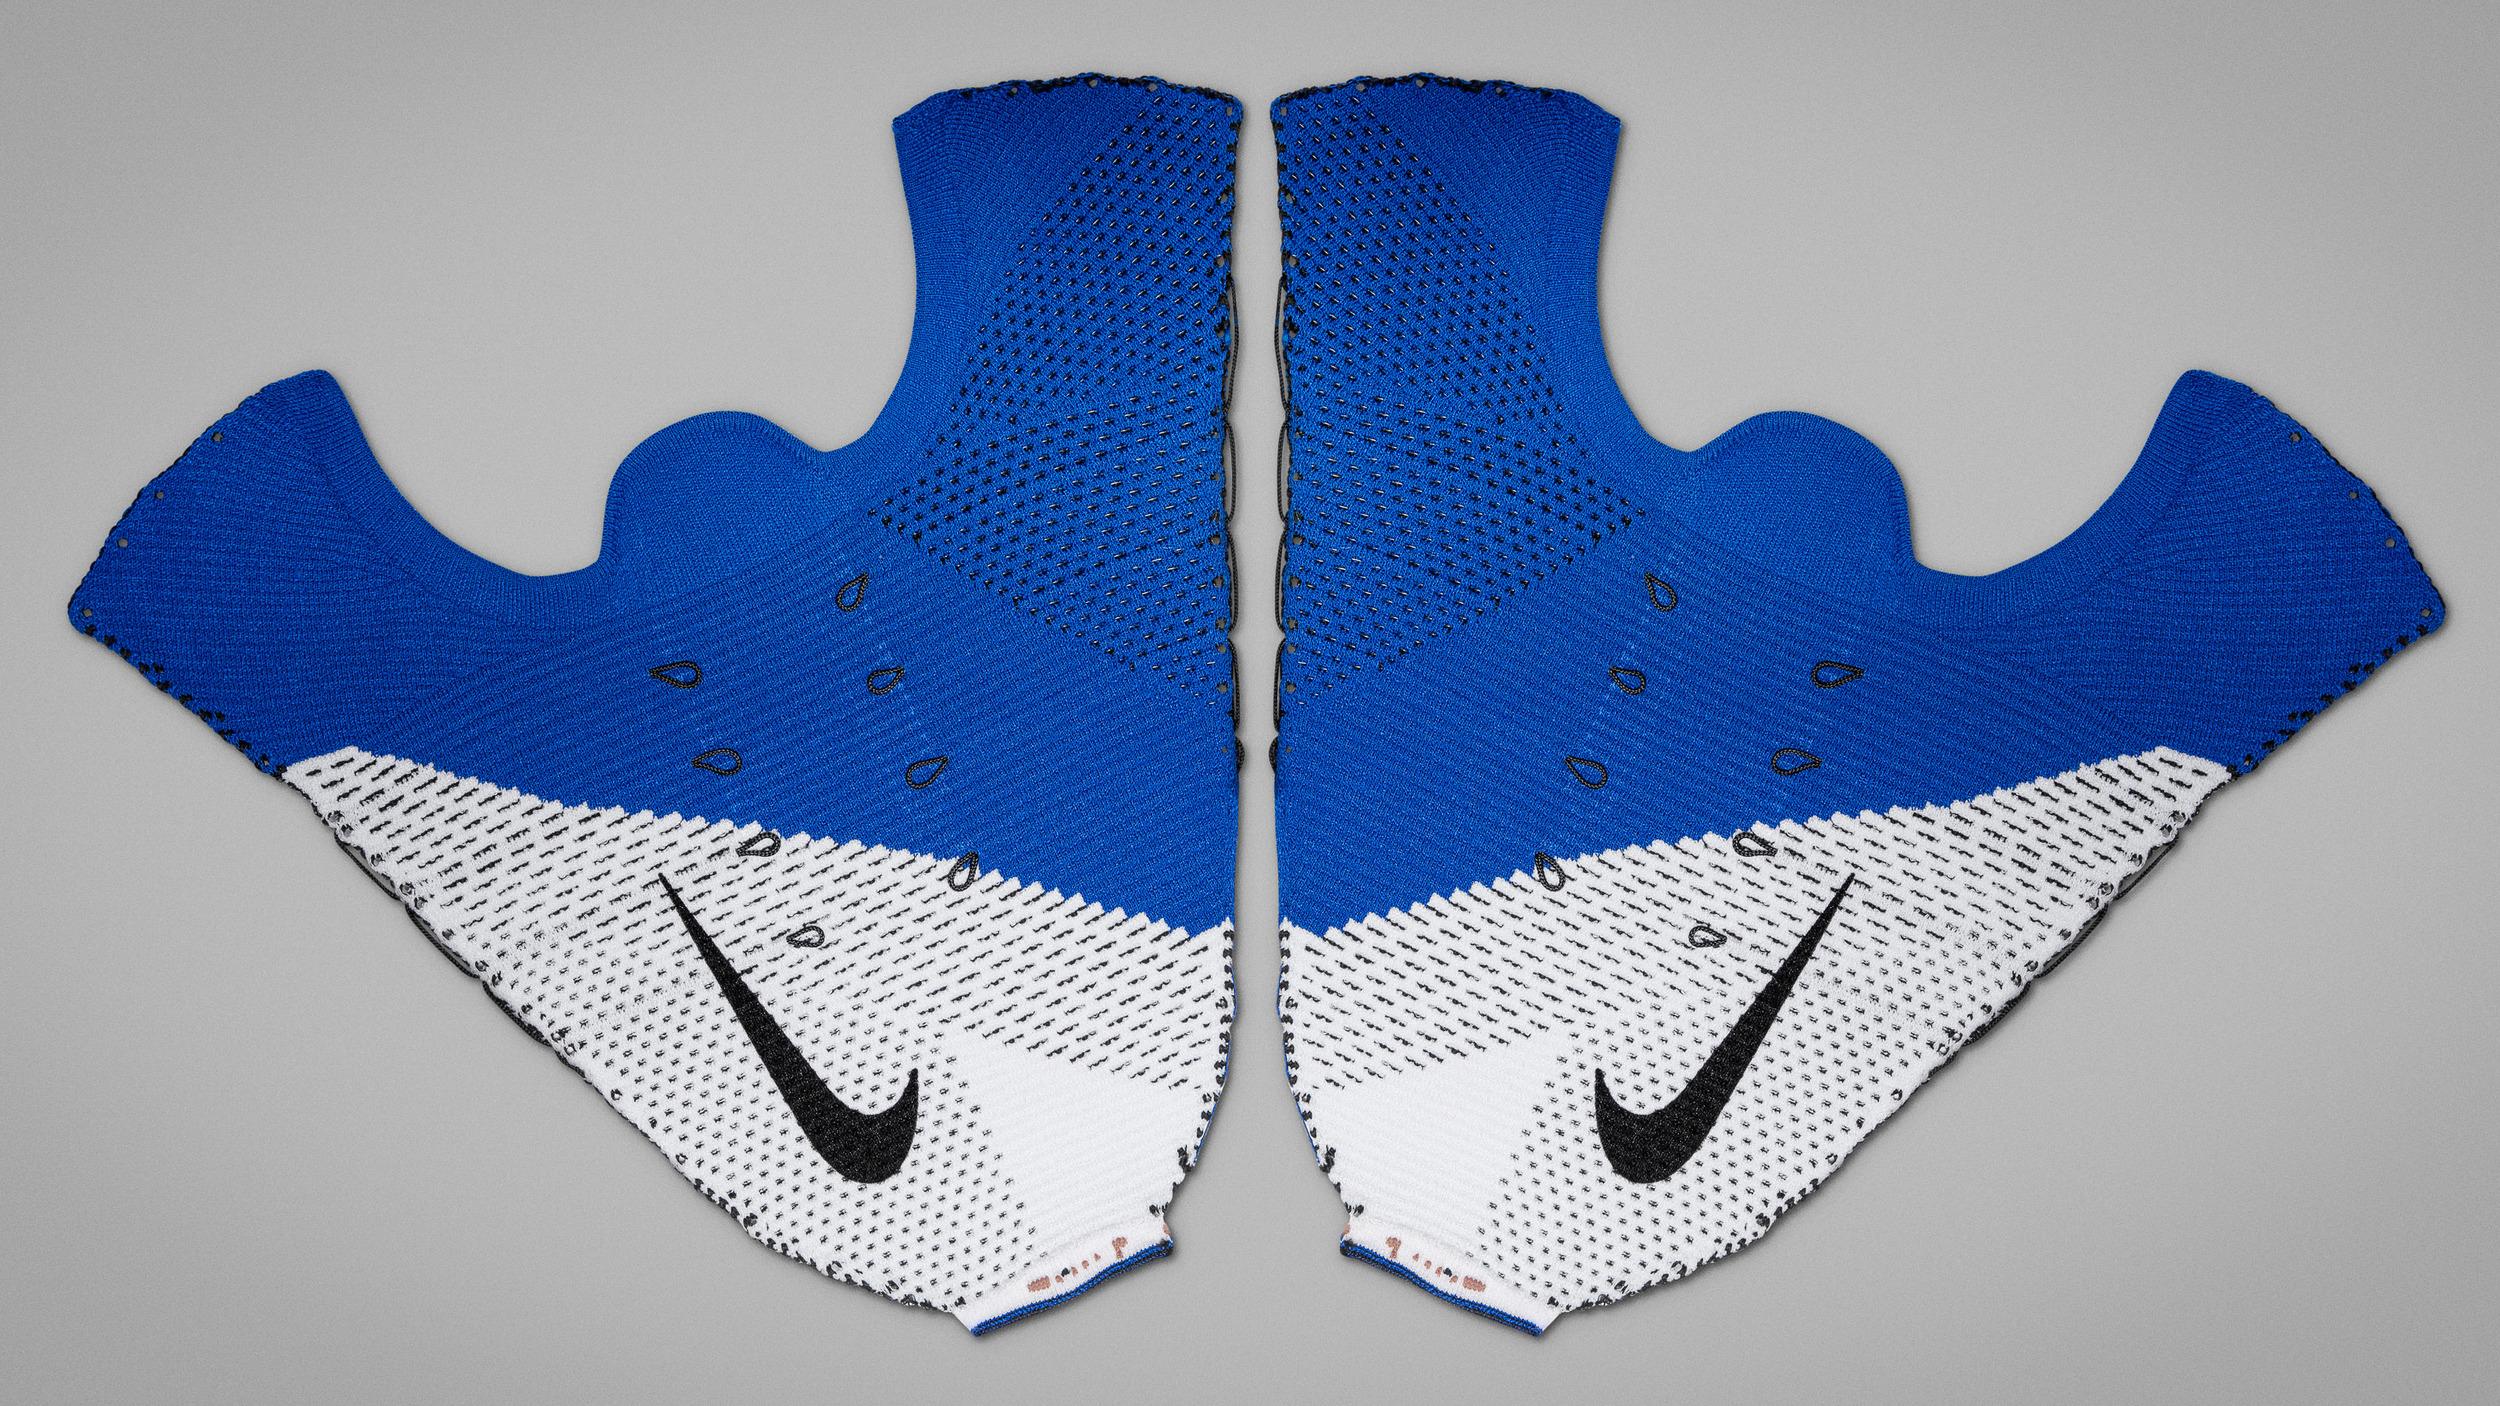 Nike Air Max 270 flyknit upper jesi small